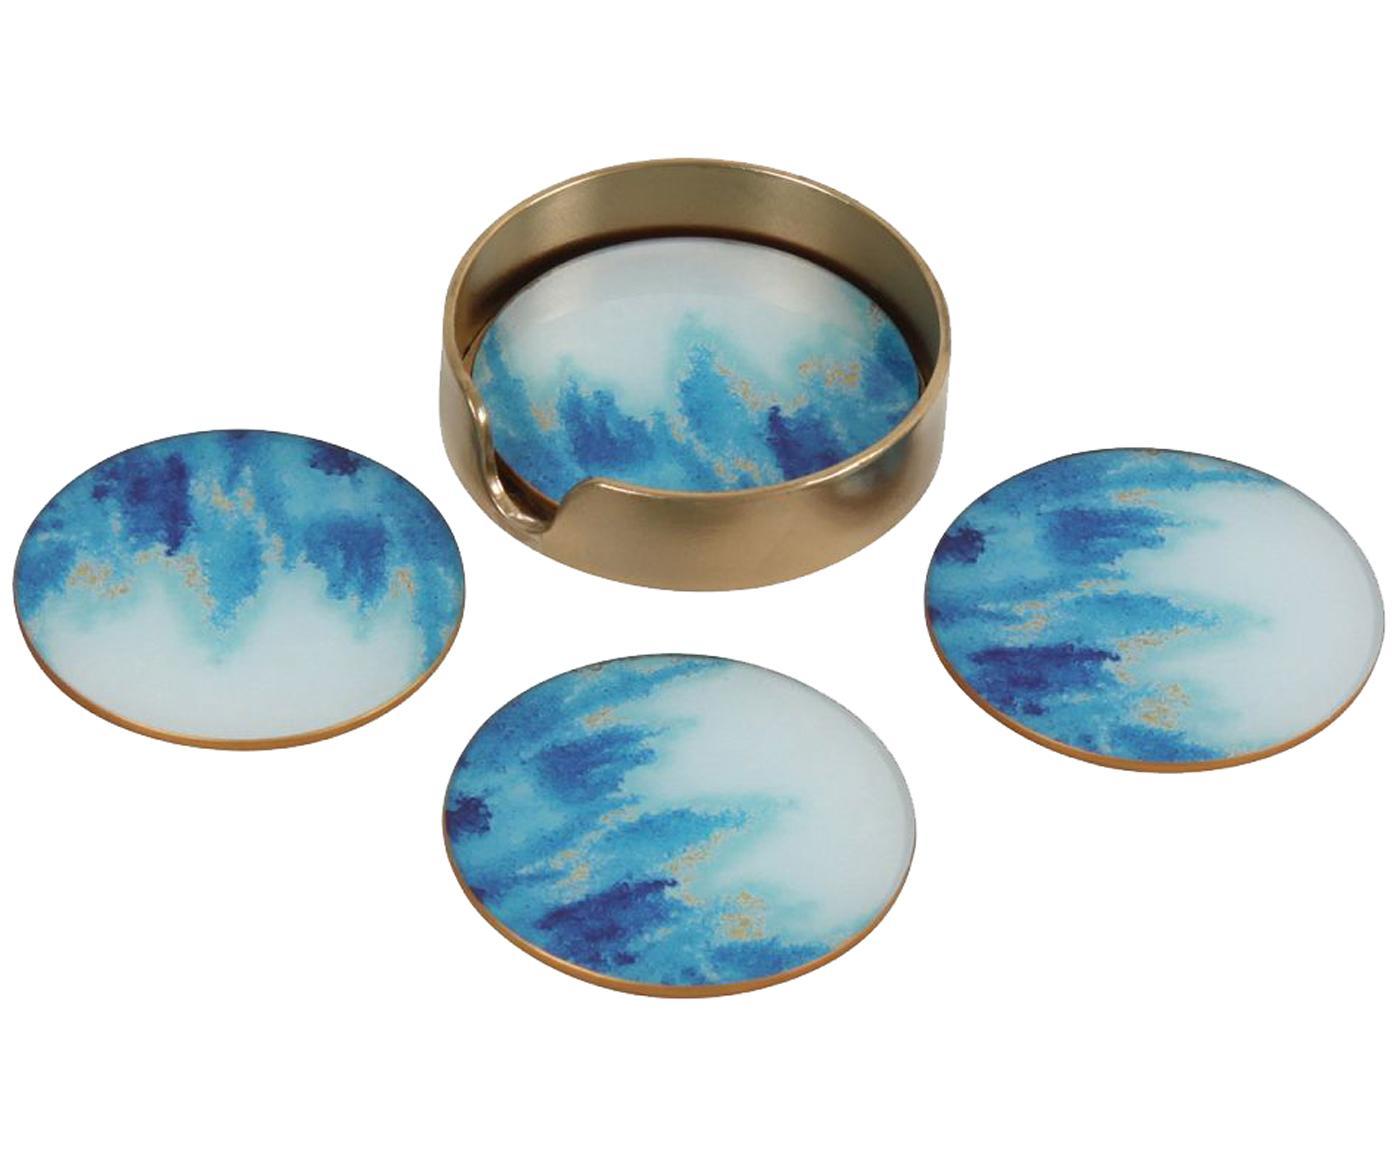 Glas Untersetzer Stardust, 5er-Set, Vorderseite: Glas, Rückseite: Kork Halterung, Metall, b, Blau, Weiß, Ø 11 cm